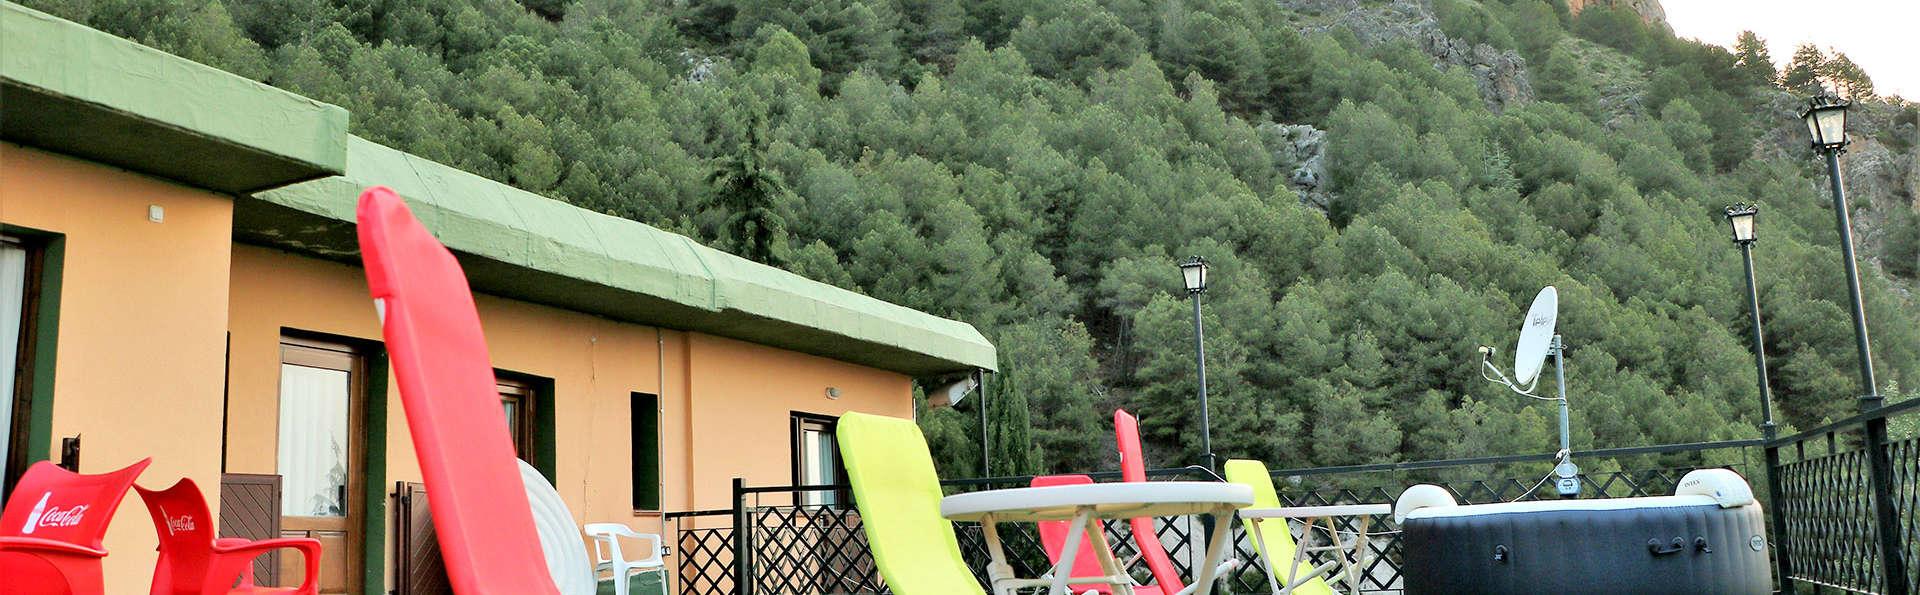 Hotel El Guerra - EDIT_N2_TERRACE.jpg